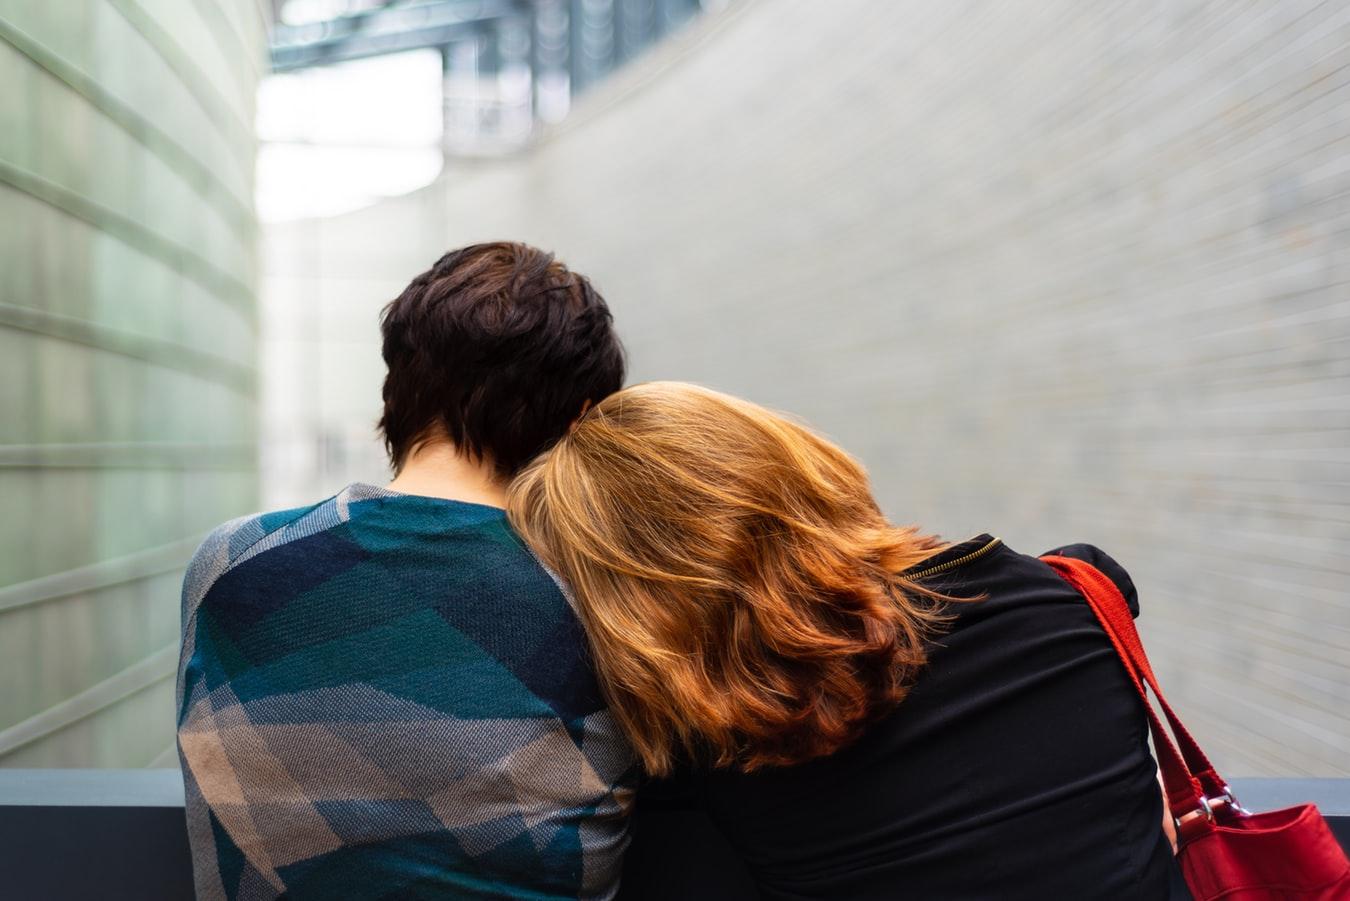 Semaine nationale de prévention du suicide.